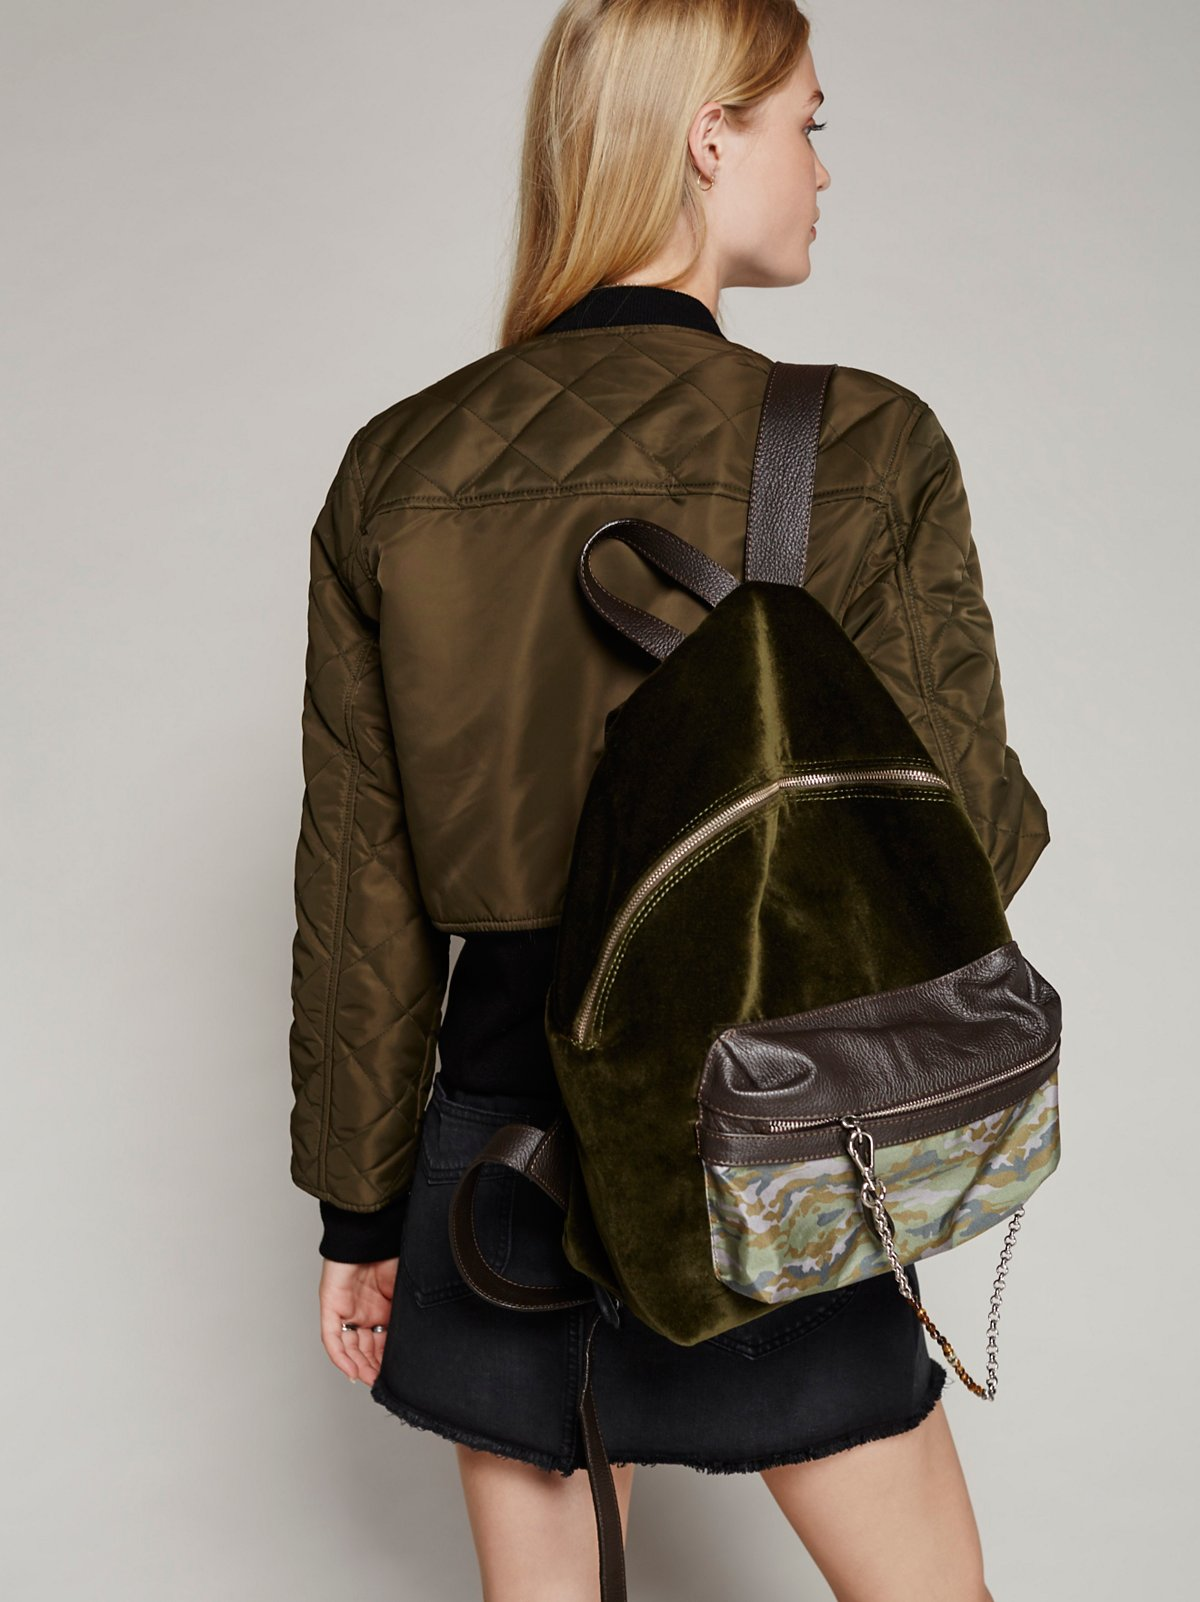 Velveteen背包